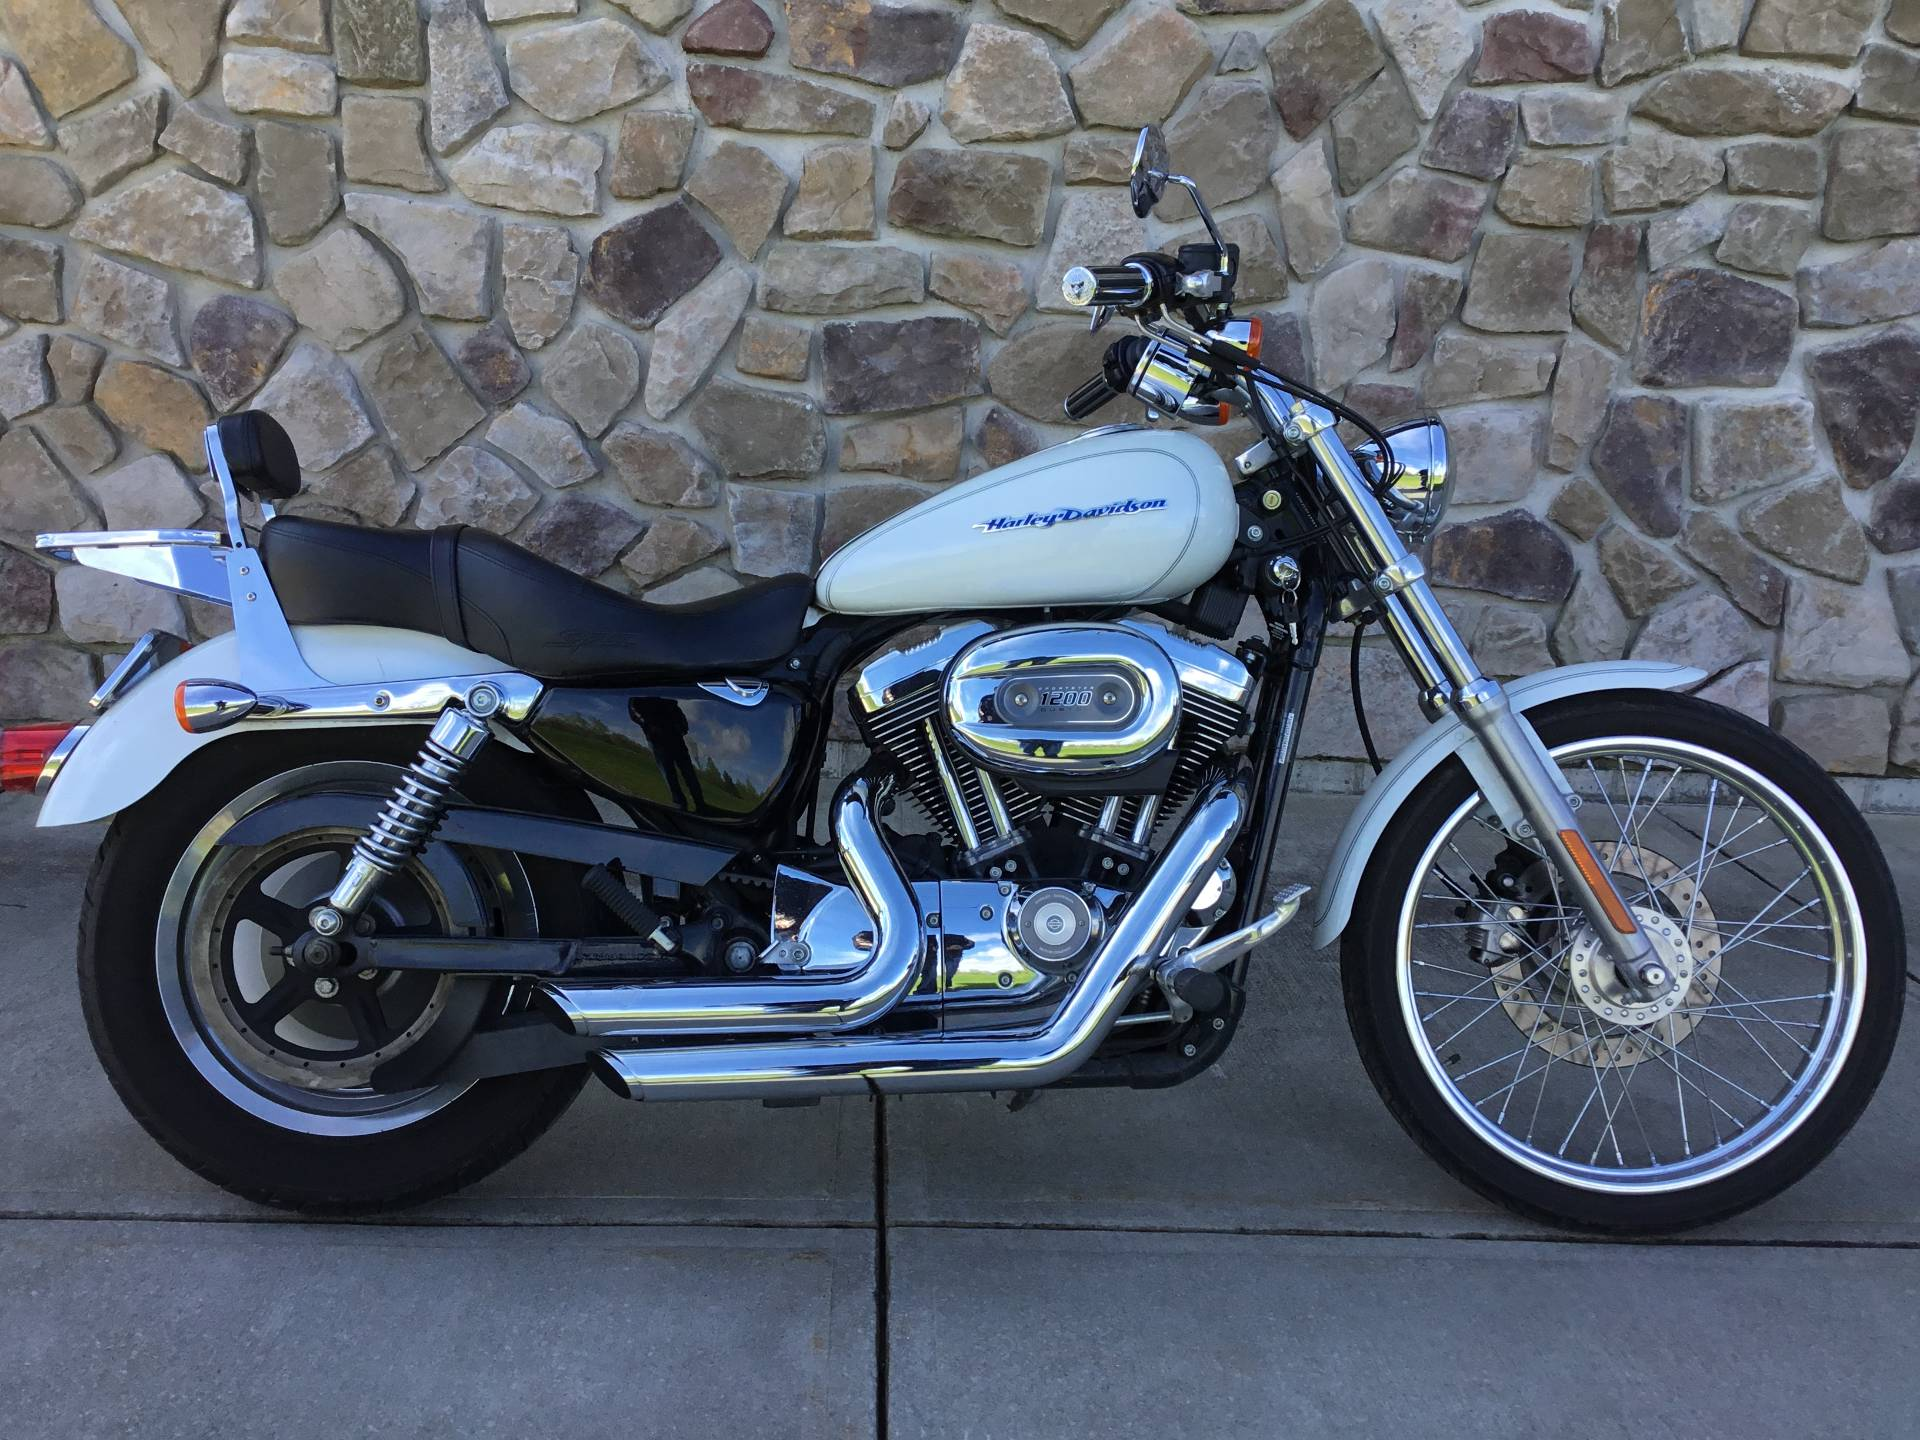 2005 Harley Davidson >> 2005 Harley Davidson Sportster Xl 1200 Custom In Broadalbin New York